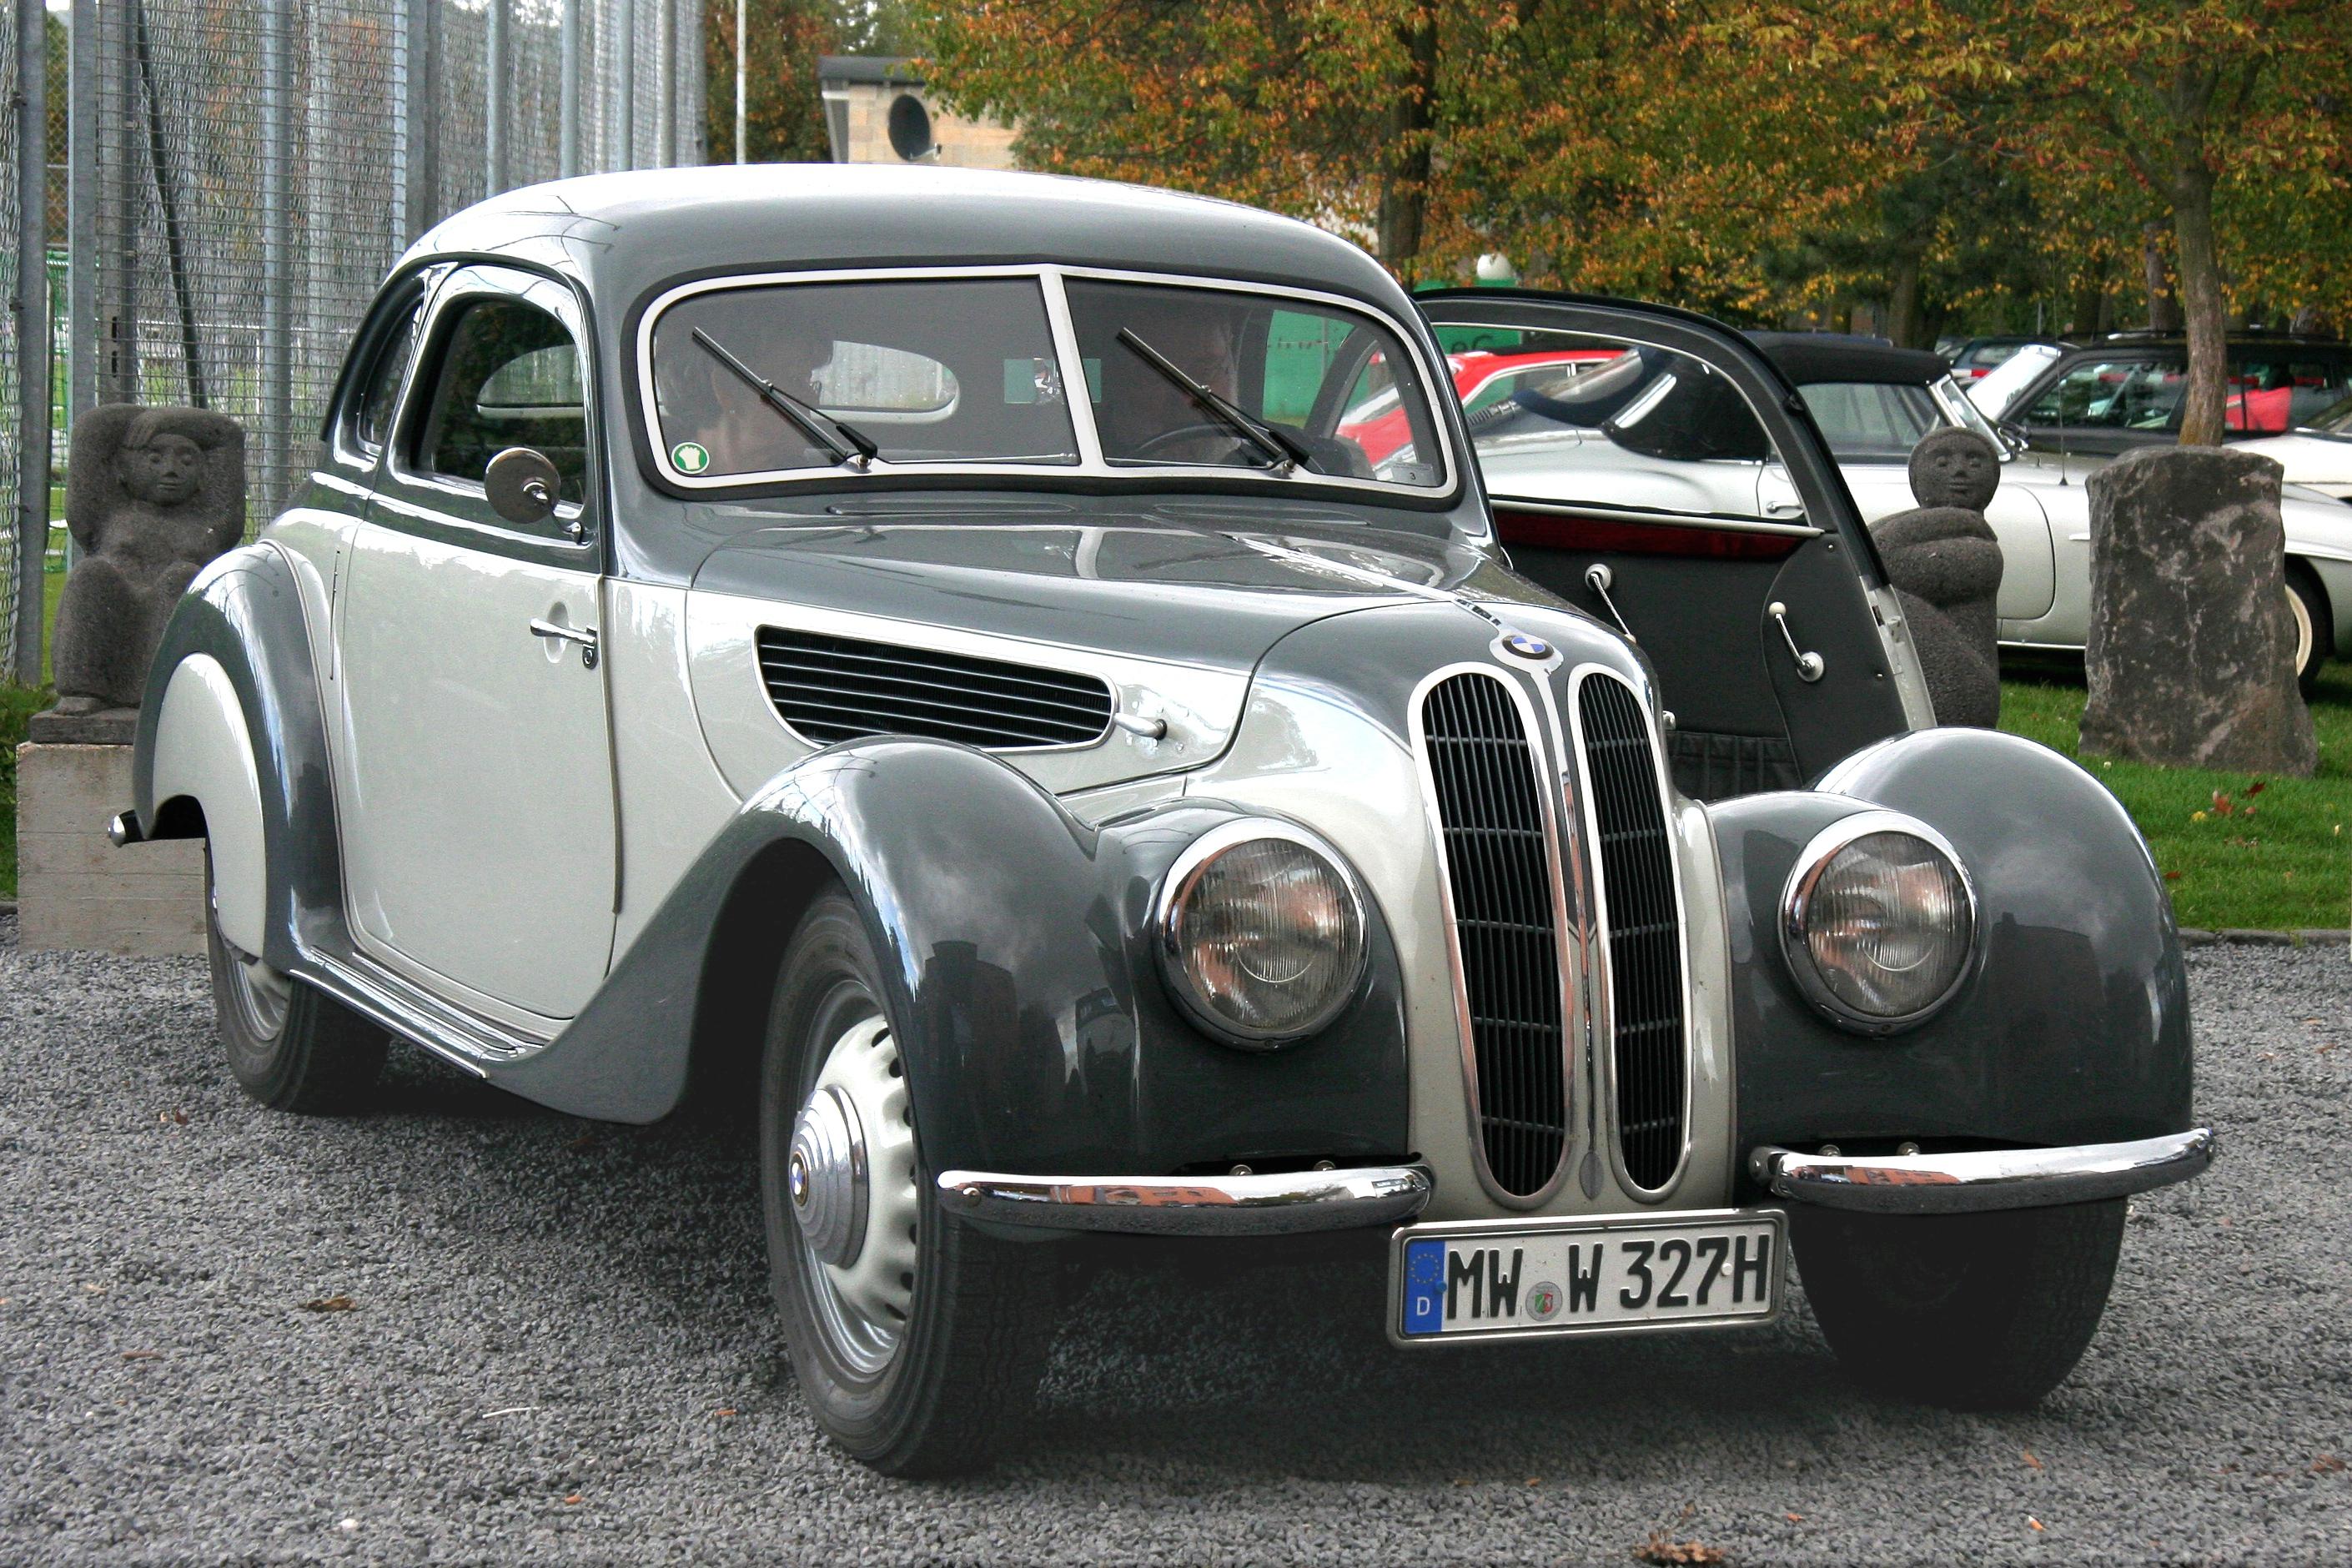 File:BMW 327, Bj. 1940 (2009-10-13) Seite u. Front.JPG ...